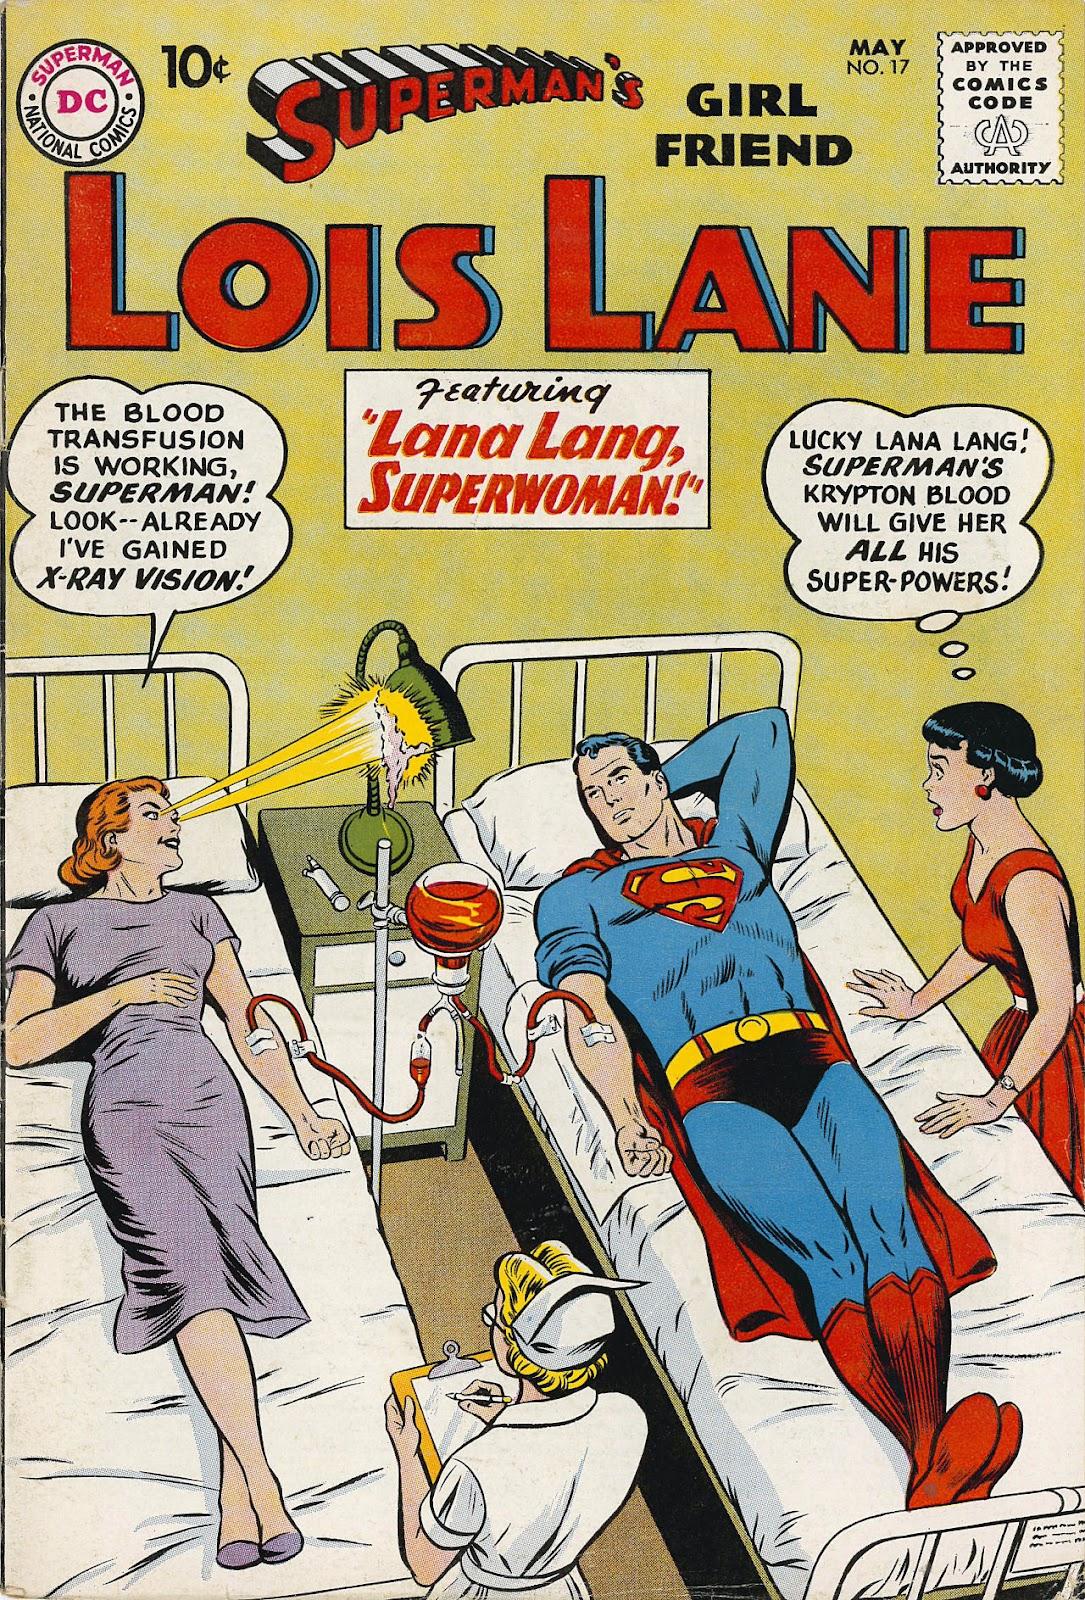 Supermans Girl Friend, Lois Lane 17 Page 1